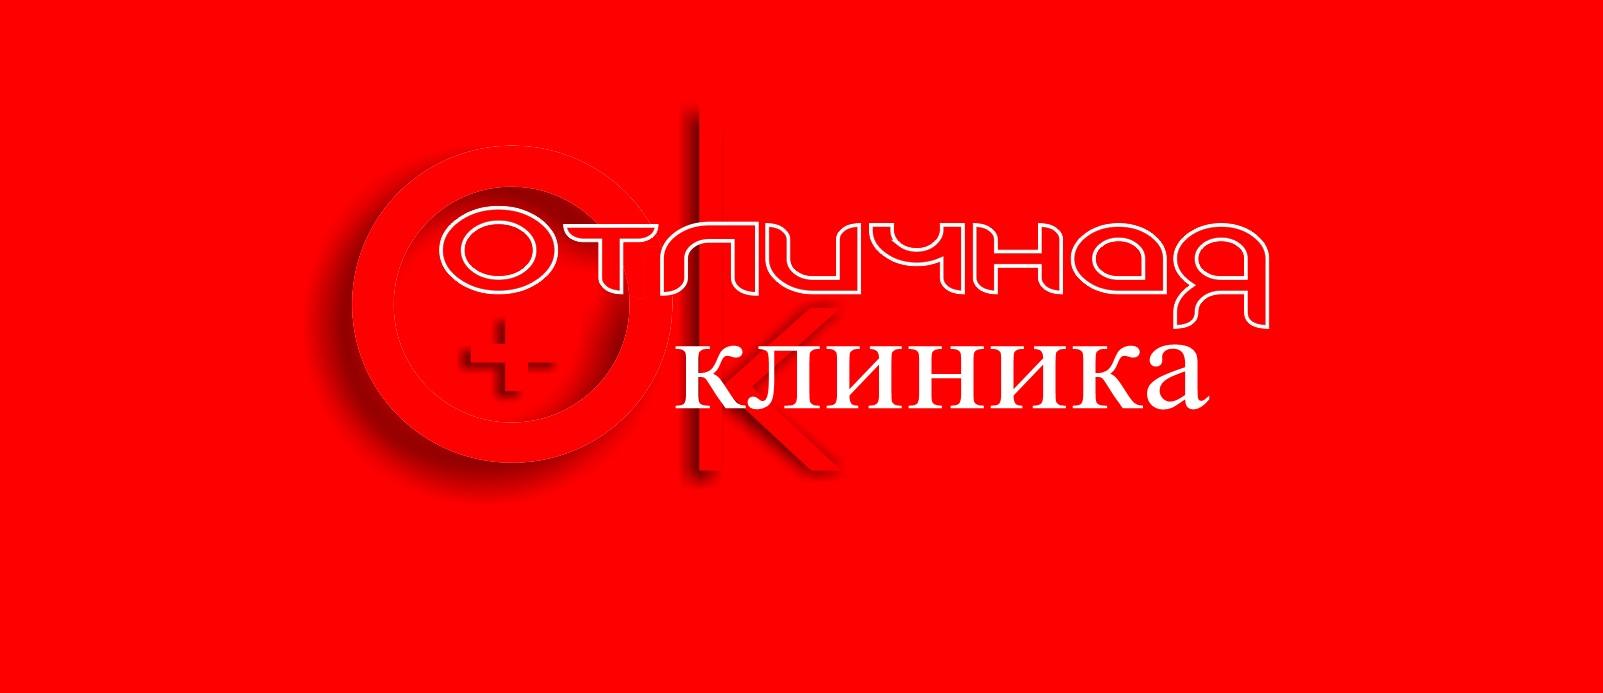 Логотип и фирменный стиль частной клиники фото f_2475c9381574f857.jpg